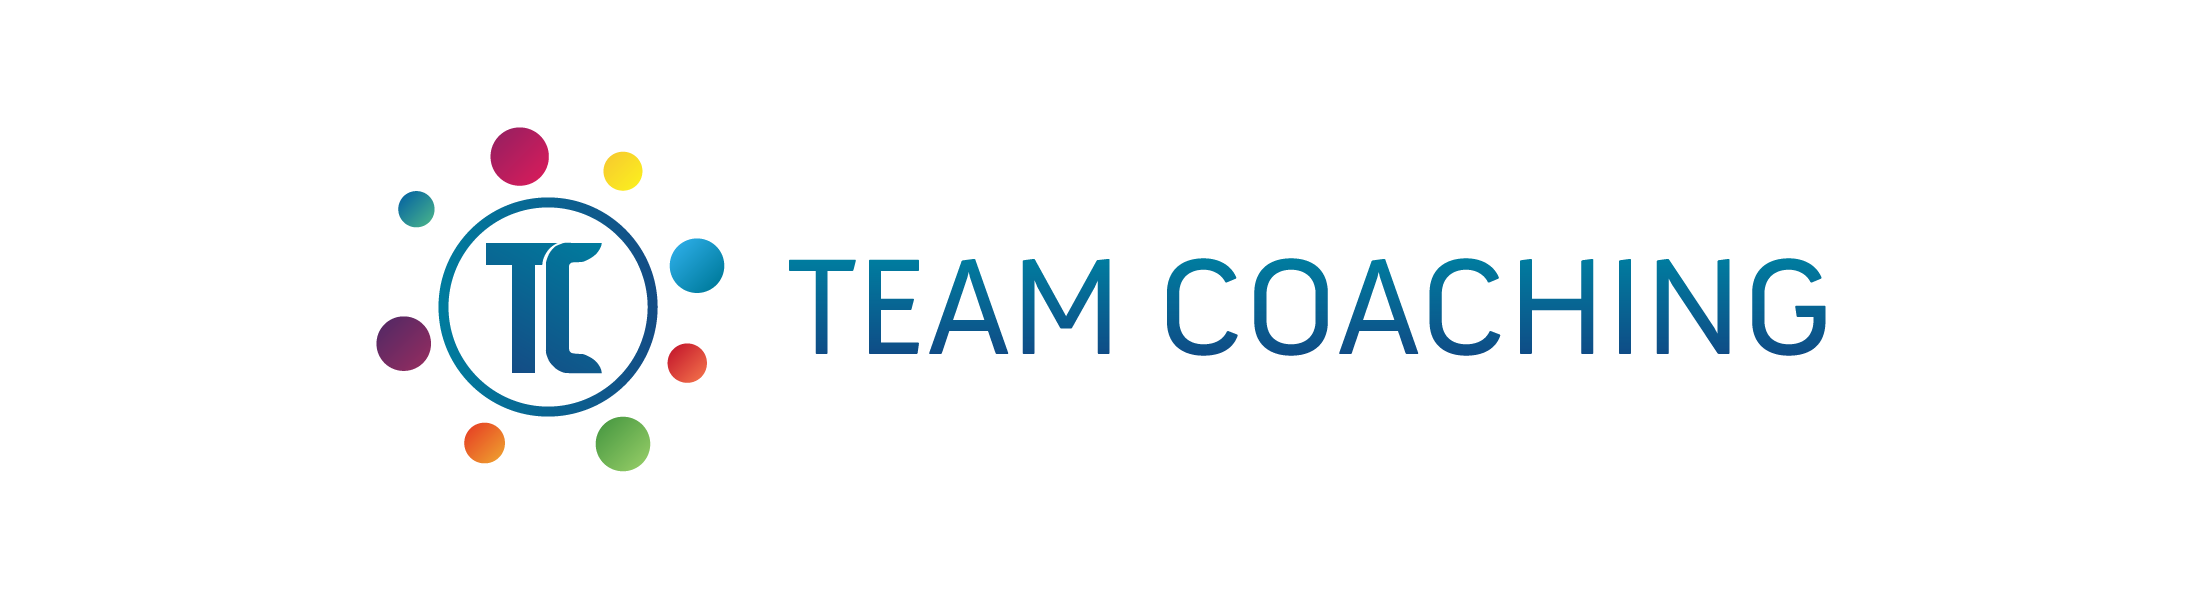 TEAM COACHING:  Higher performing teams.